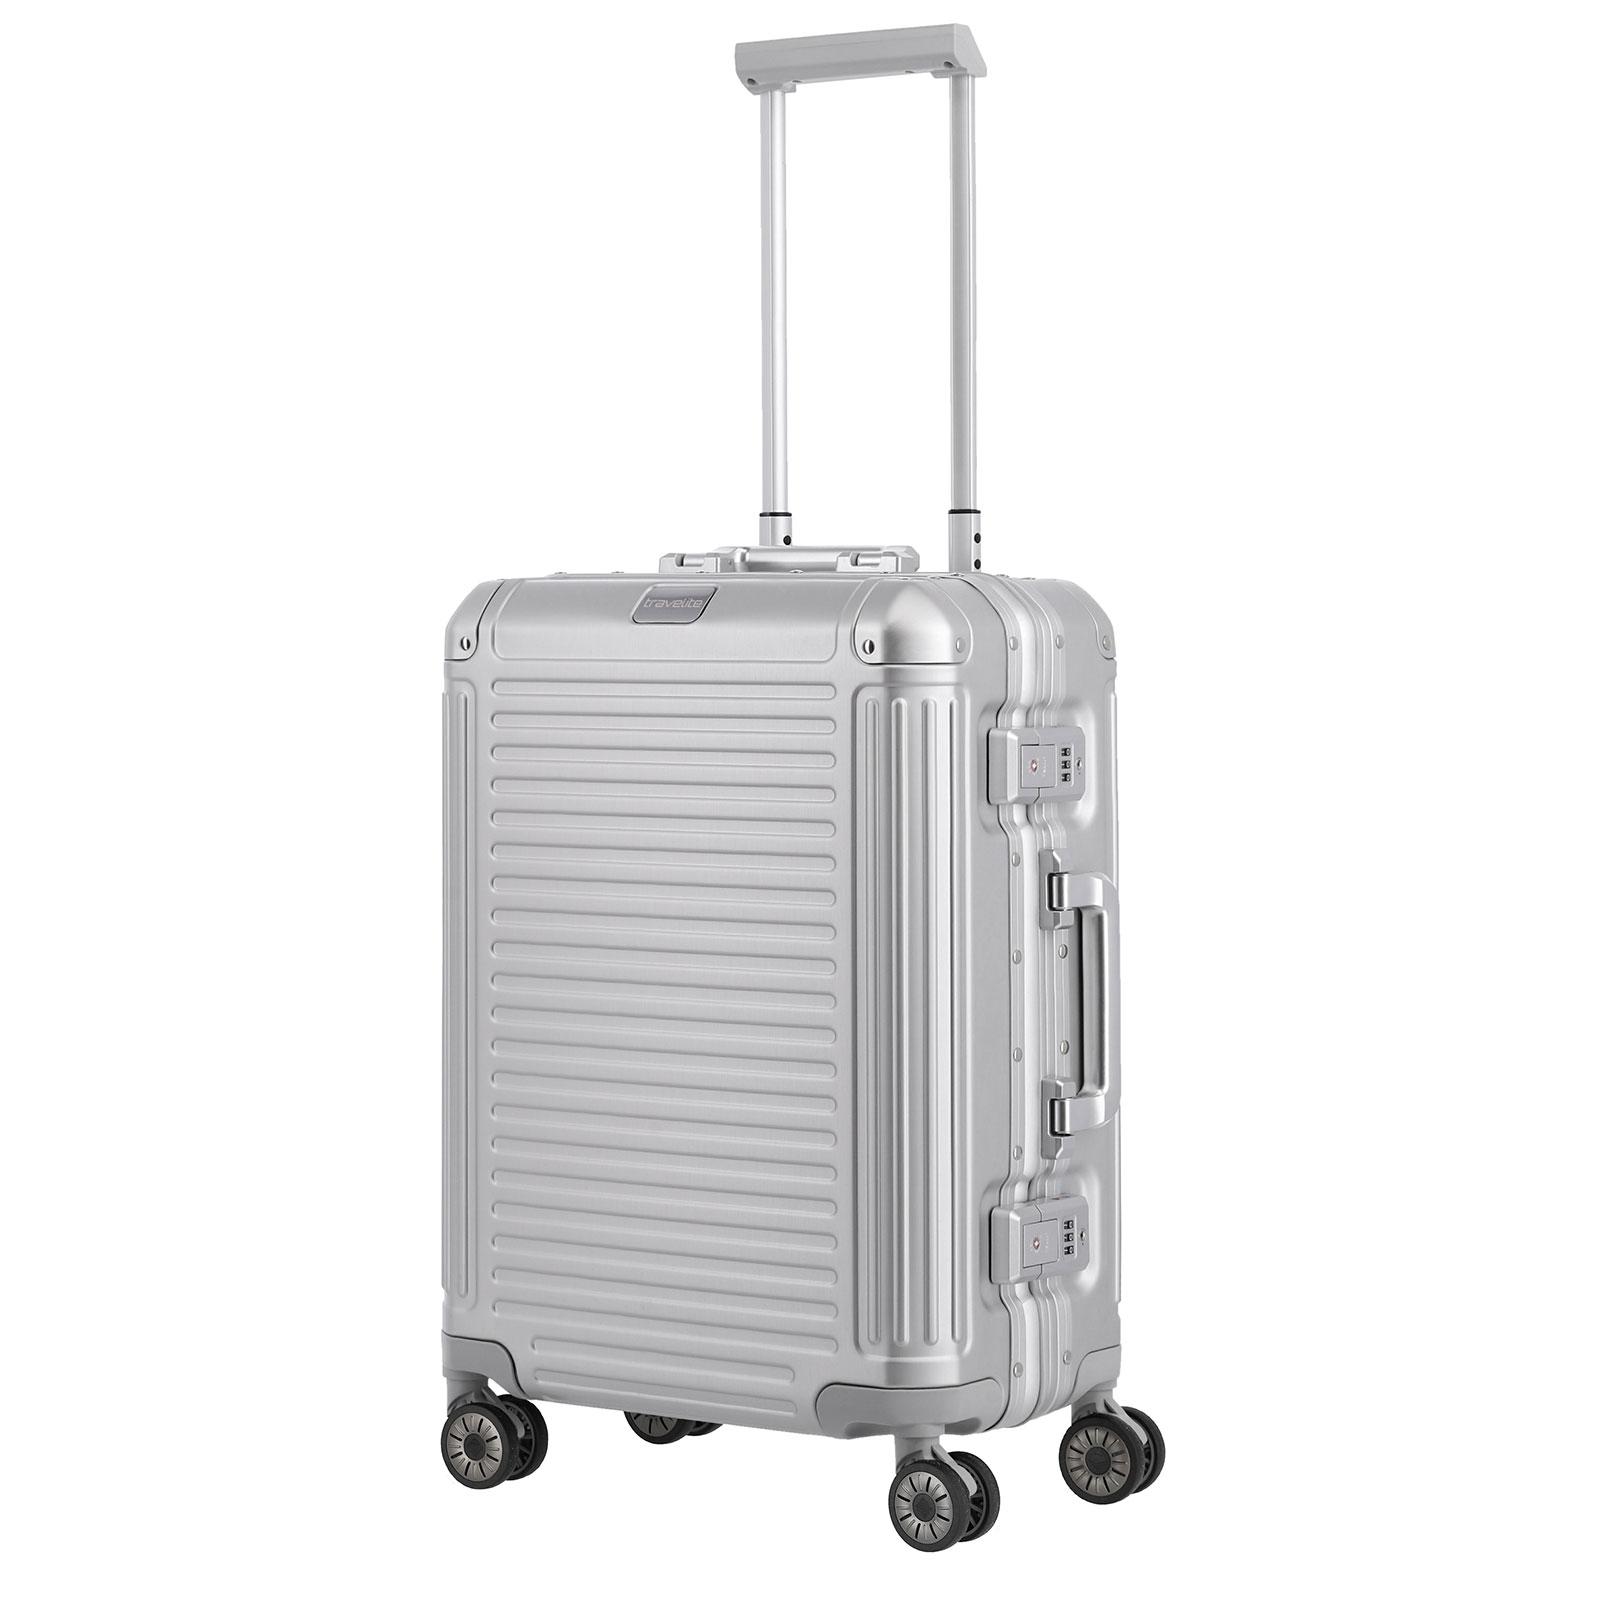 Koffer travelite Next Handgepäck Trolley S, 4 Rollen, 55 cm, 39  L, Silber